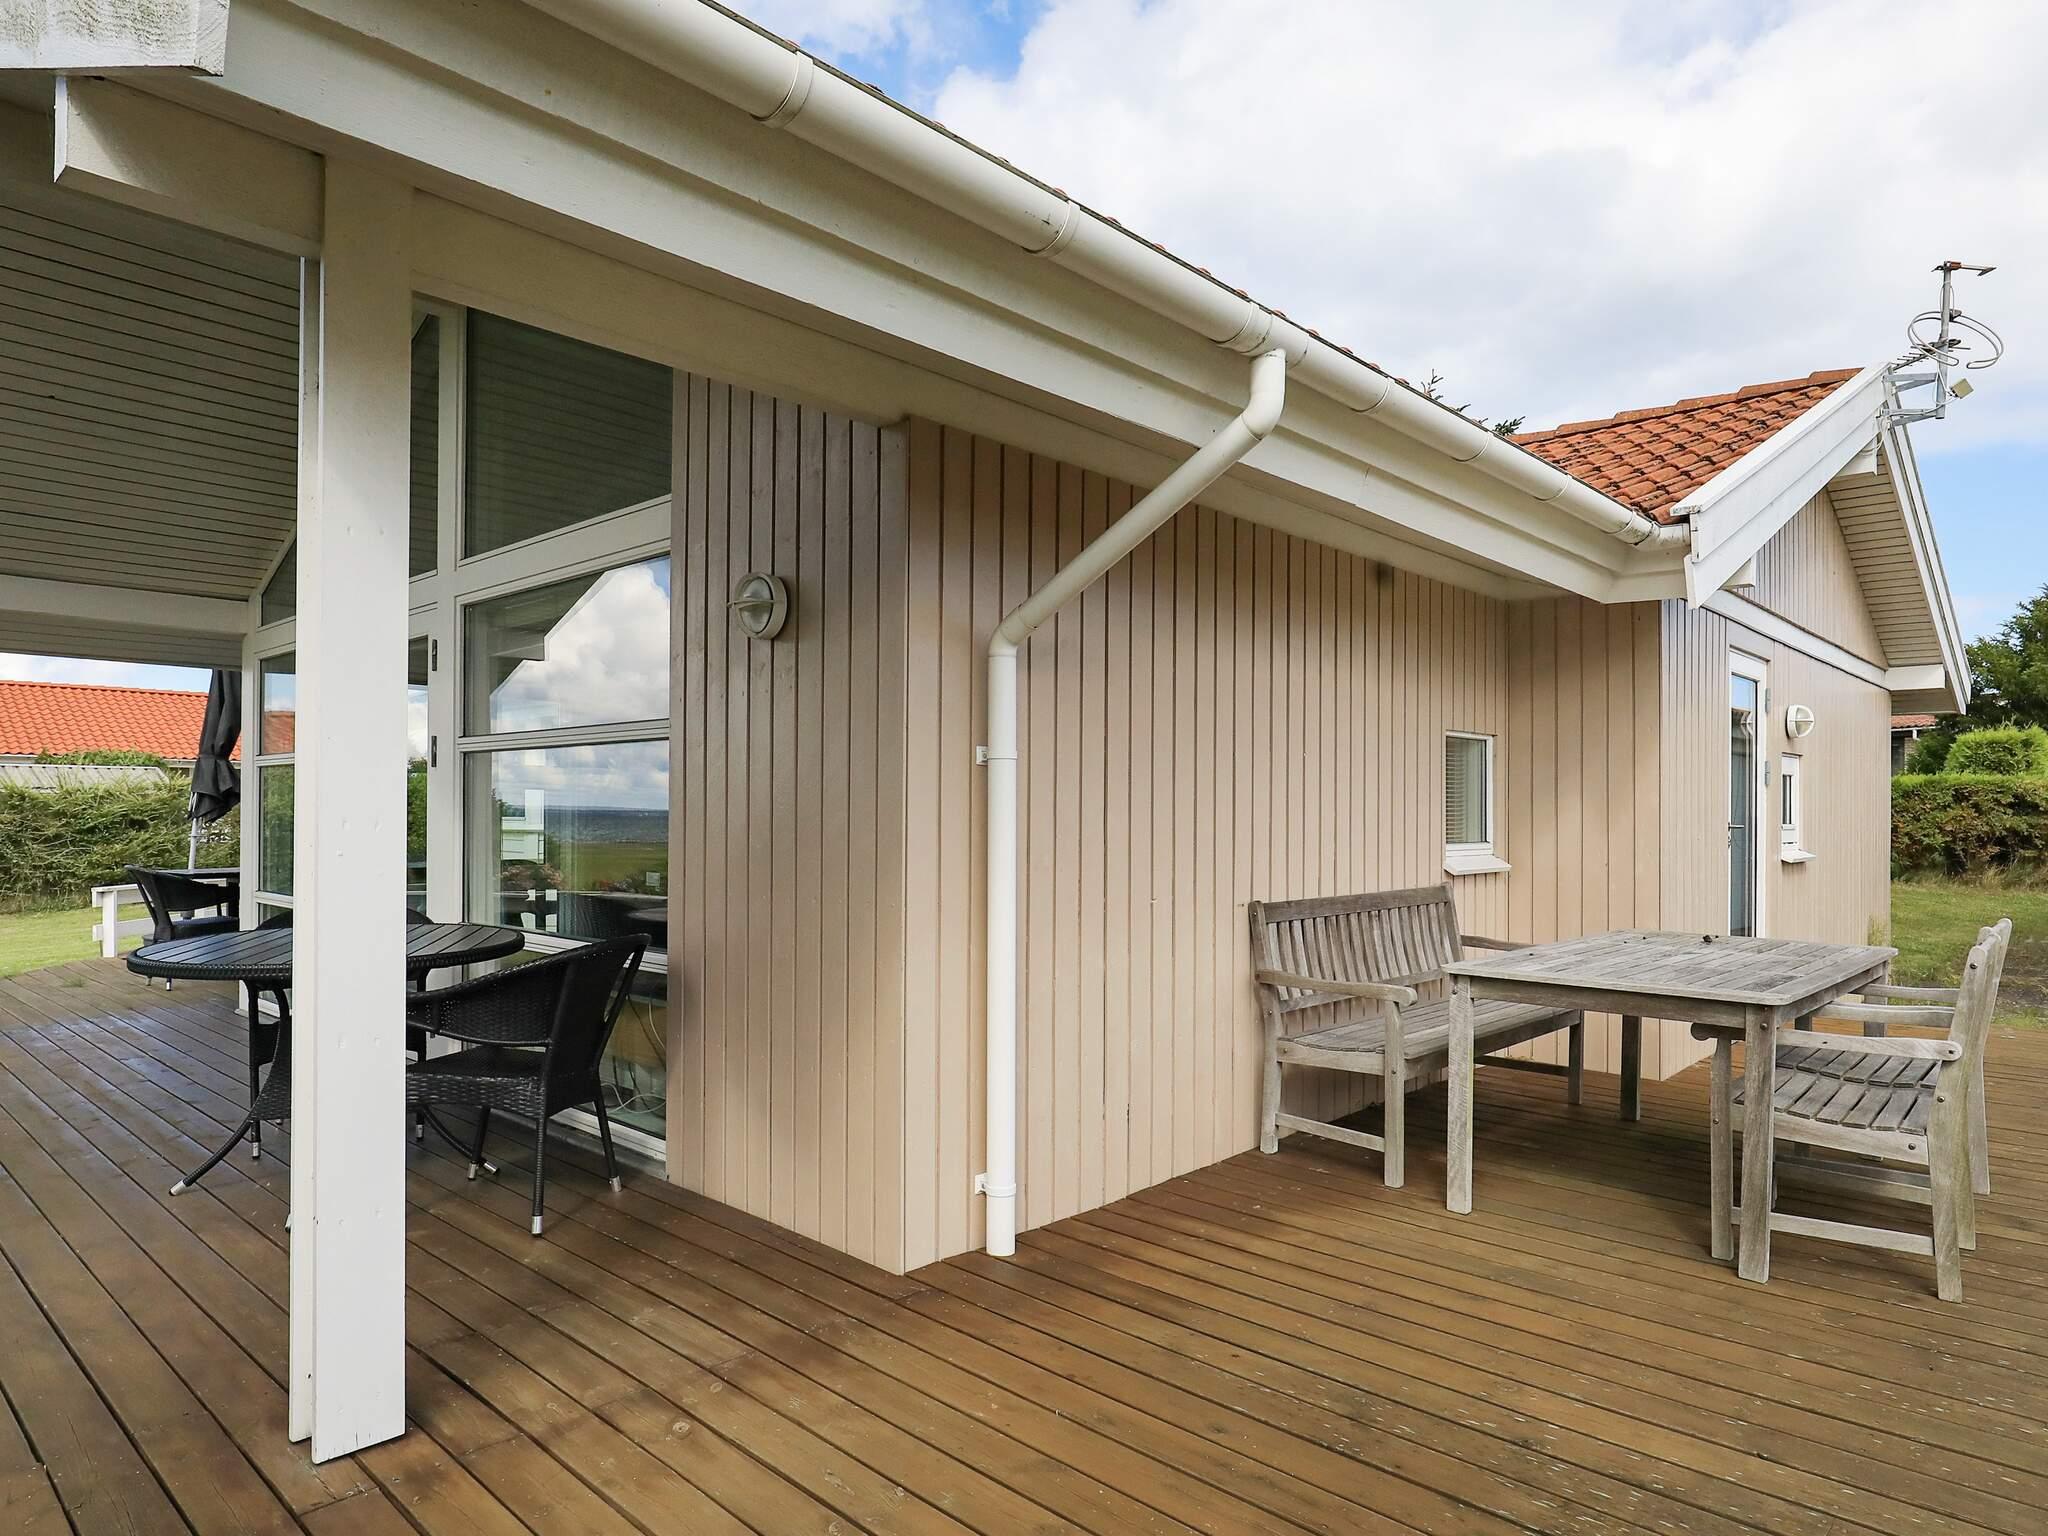 Ferienhaus Skåstrup Strand (2563316), Skåstrup, , Fünen, Dänemark, Bild 26